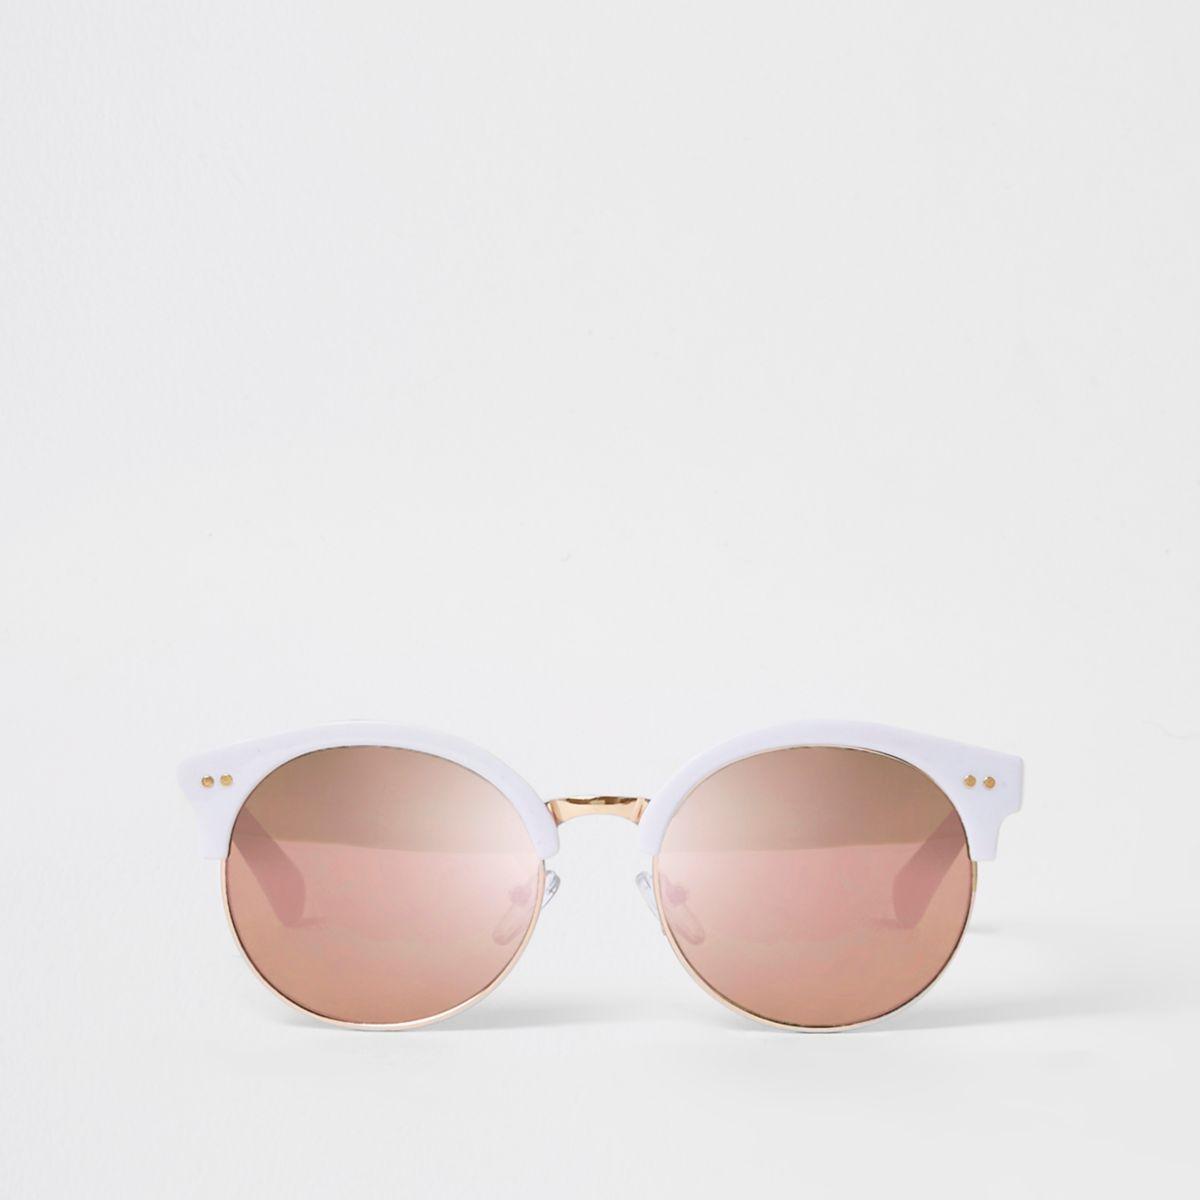 Lunettes de soleil rétro blanches à verres effet miroir pour fille